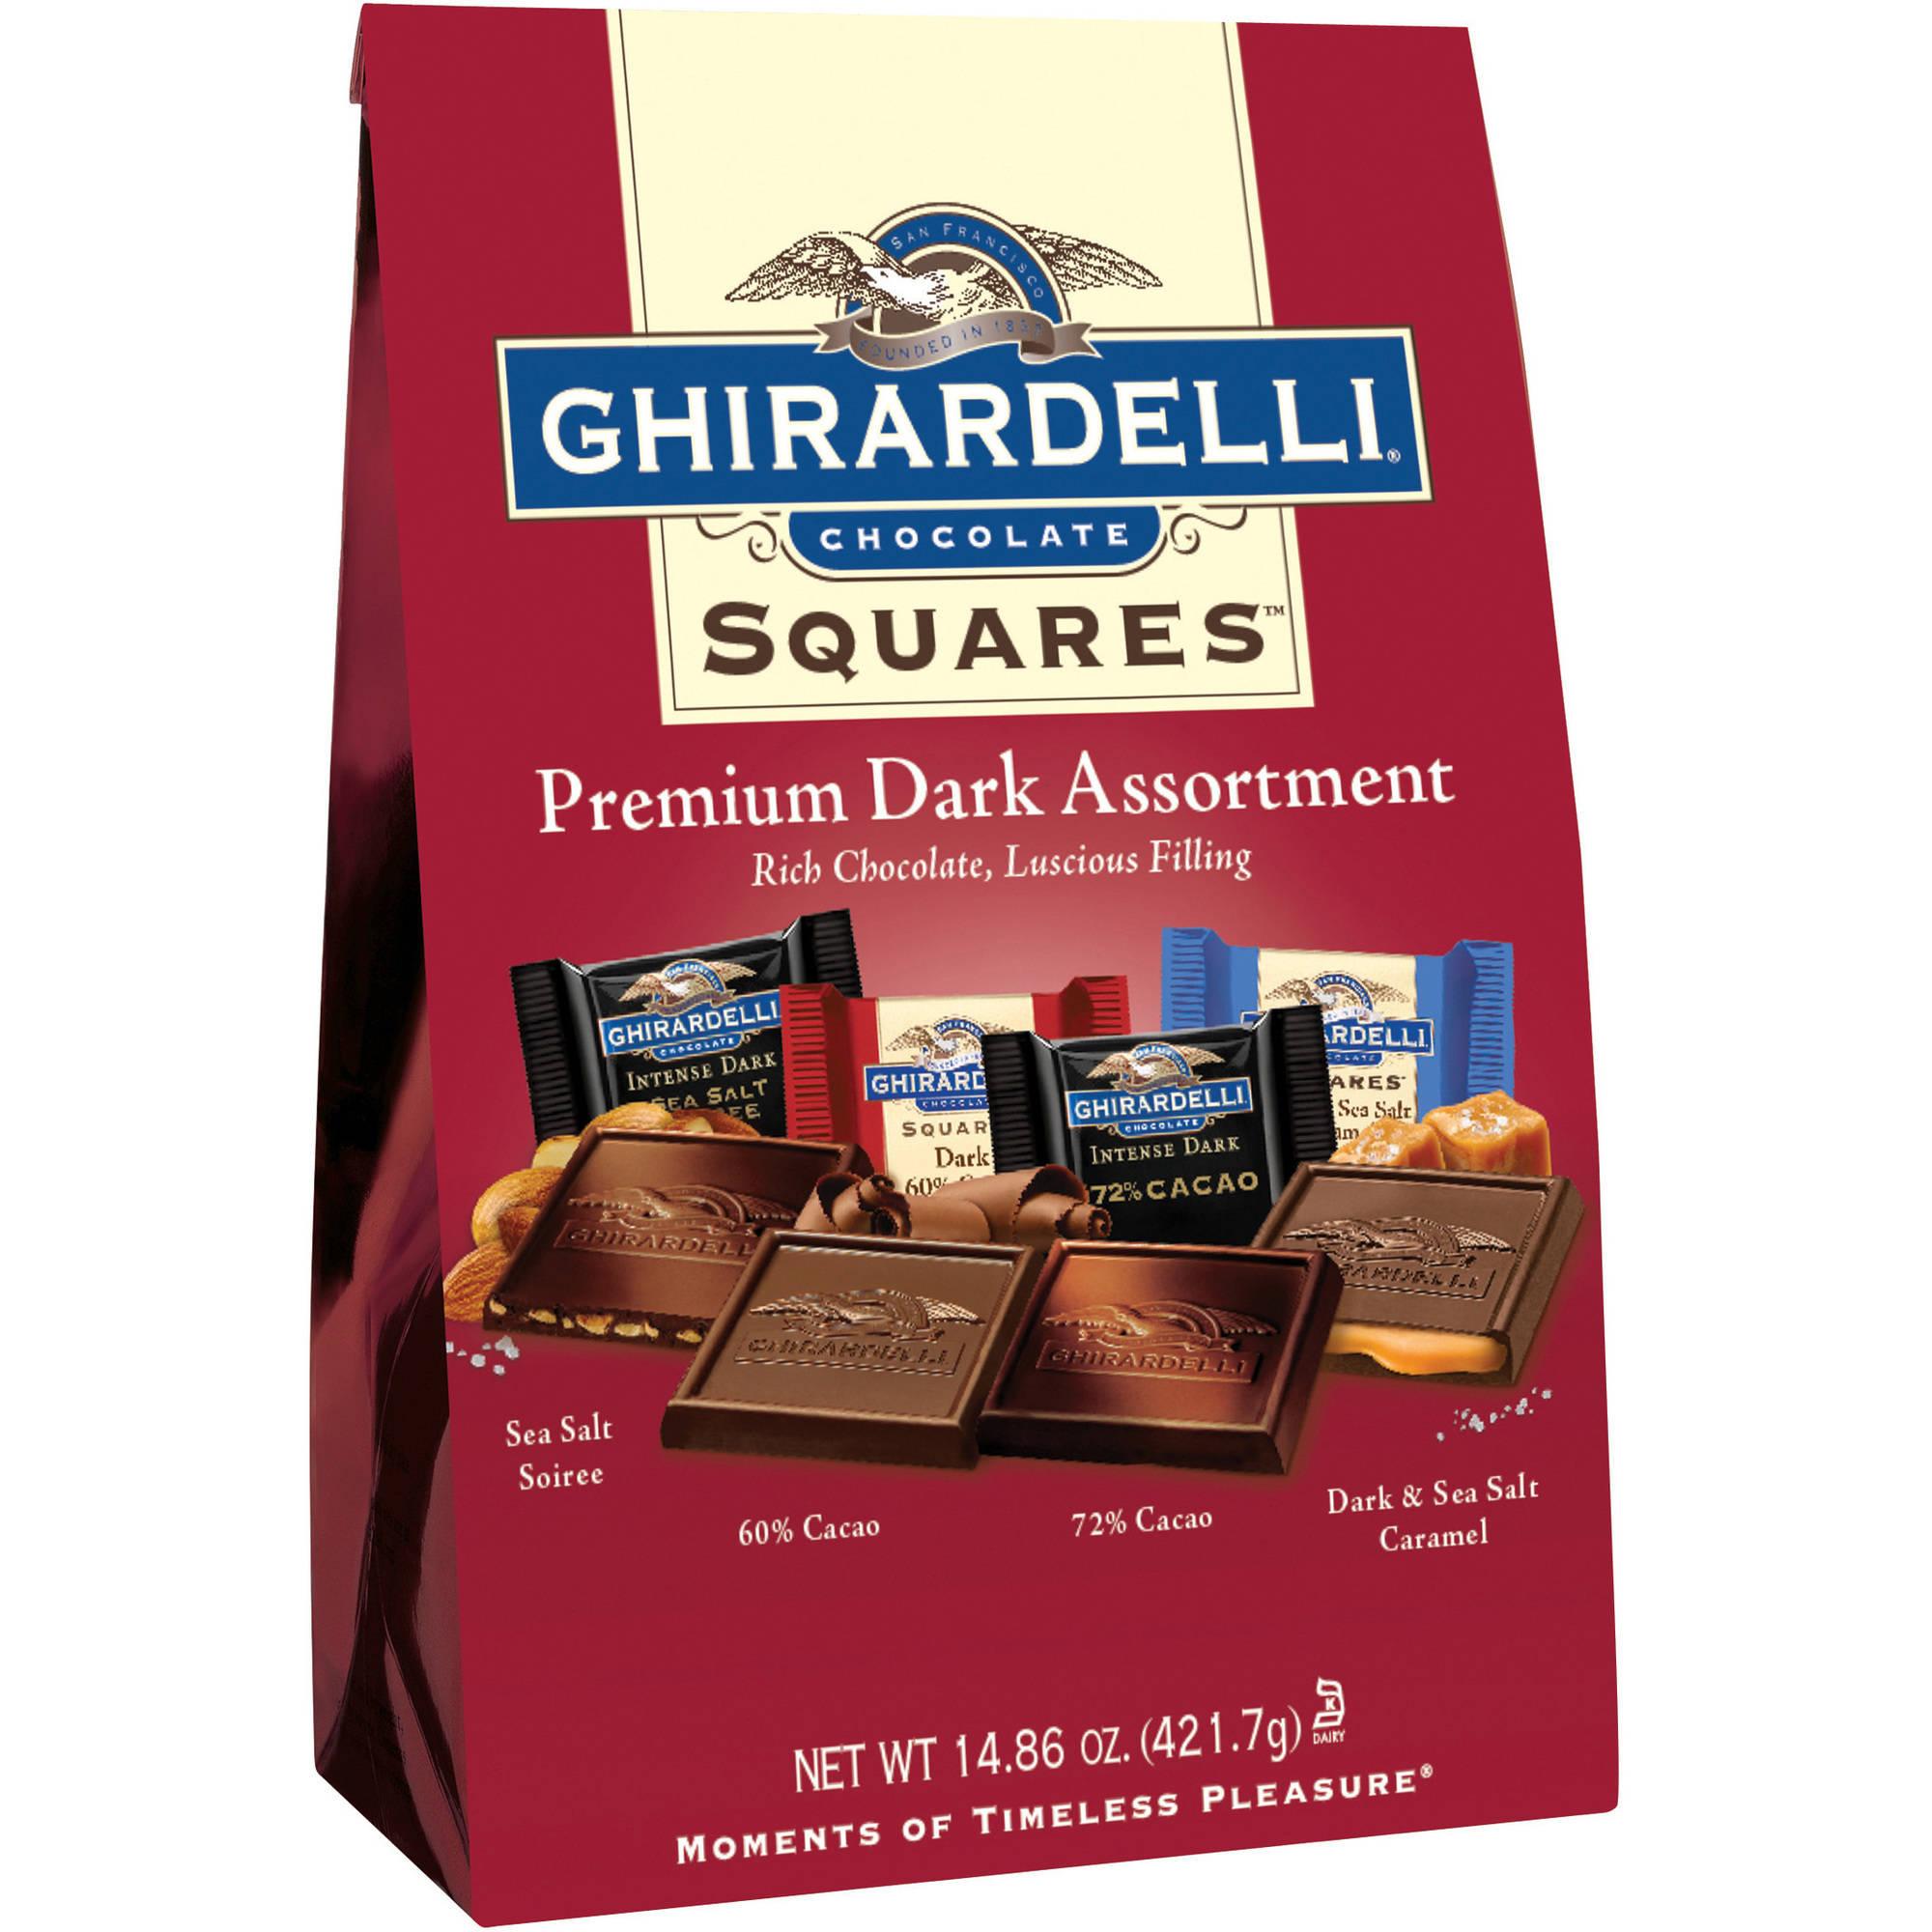 Ghirardelli Squares Premium Dark Chocolate Assortment, 16.71 oz ...